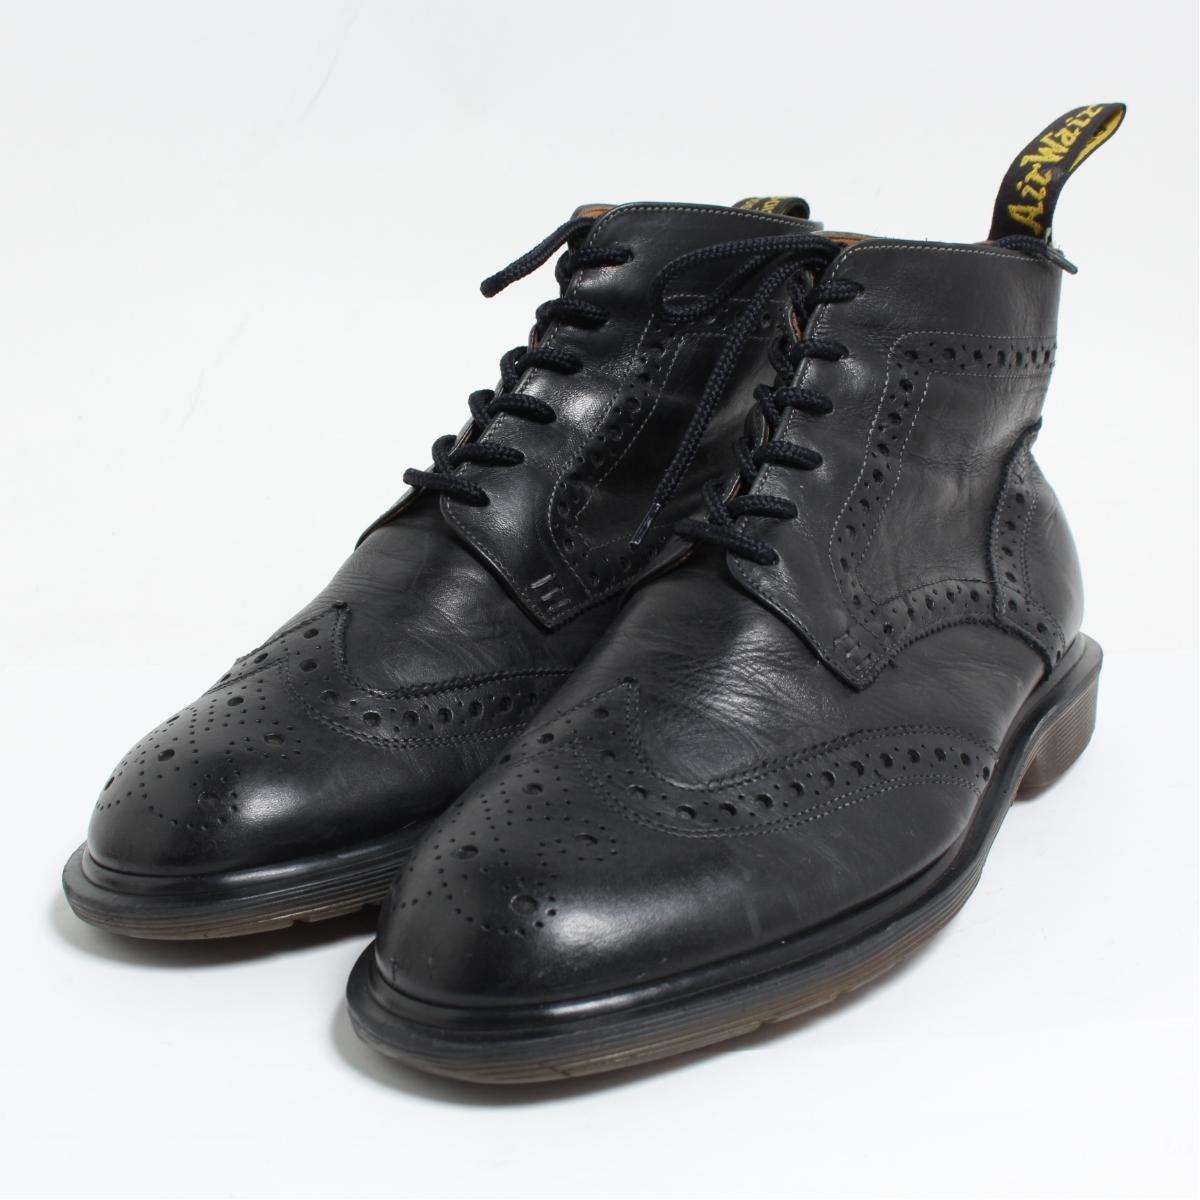 ドクターマーチン Dr.Martens ウイングチップブーツ 英国製 UK9 メンズ27.5cm /bon1463 【中古】【古着屋JAM】 【180619】